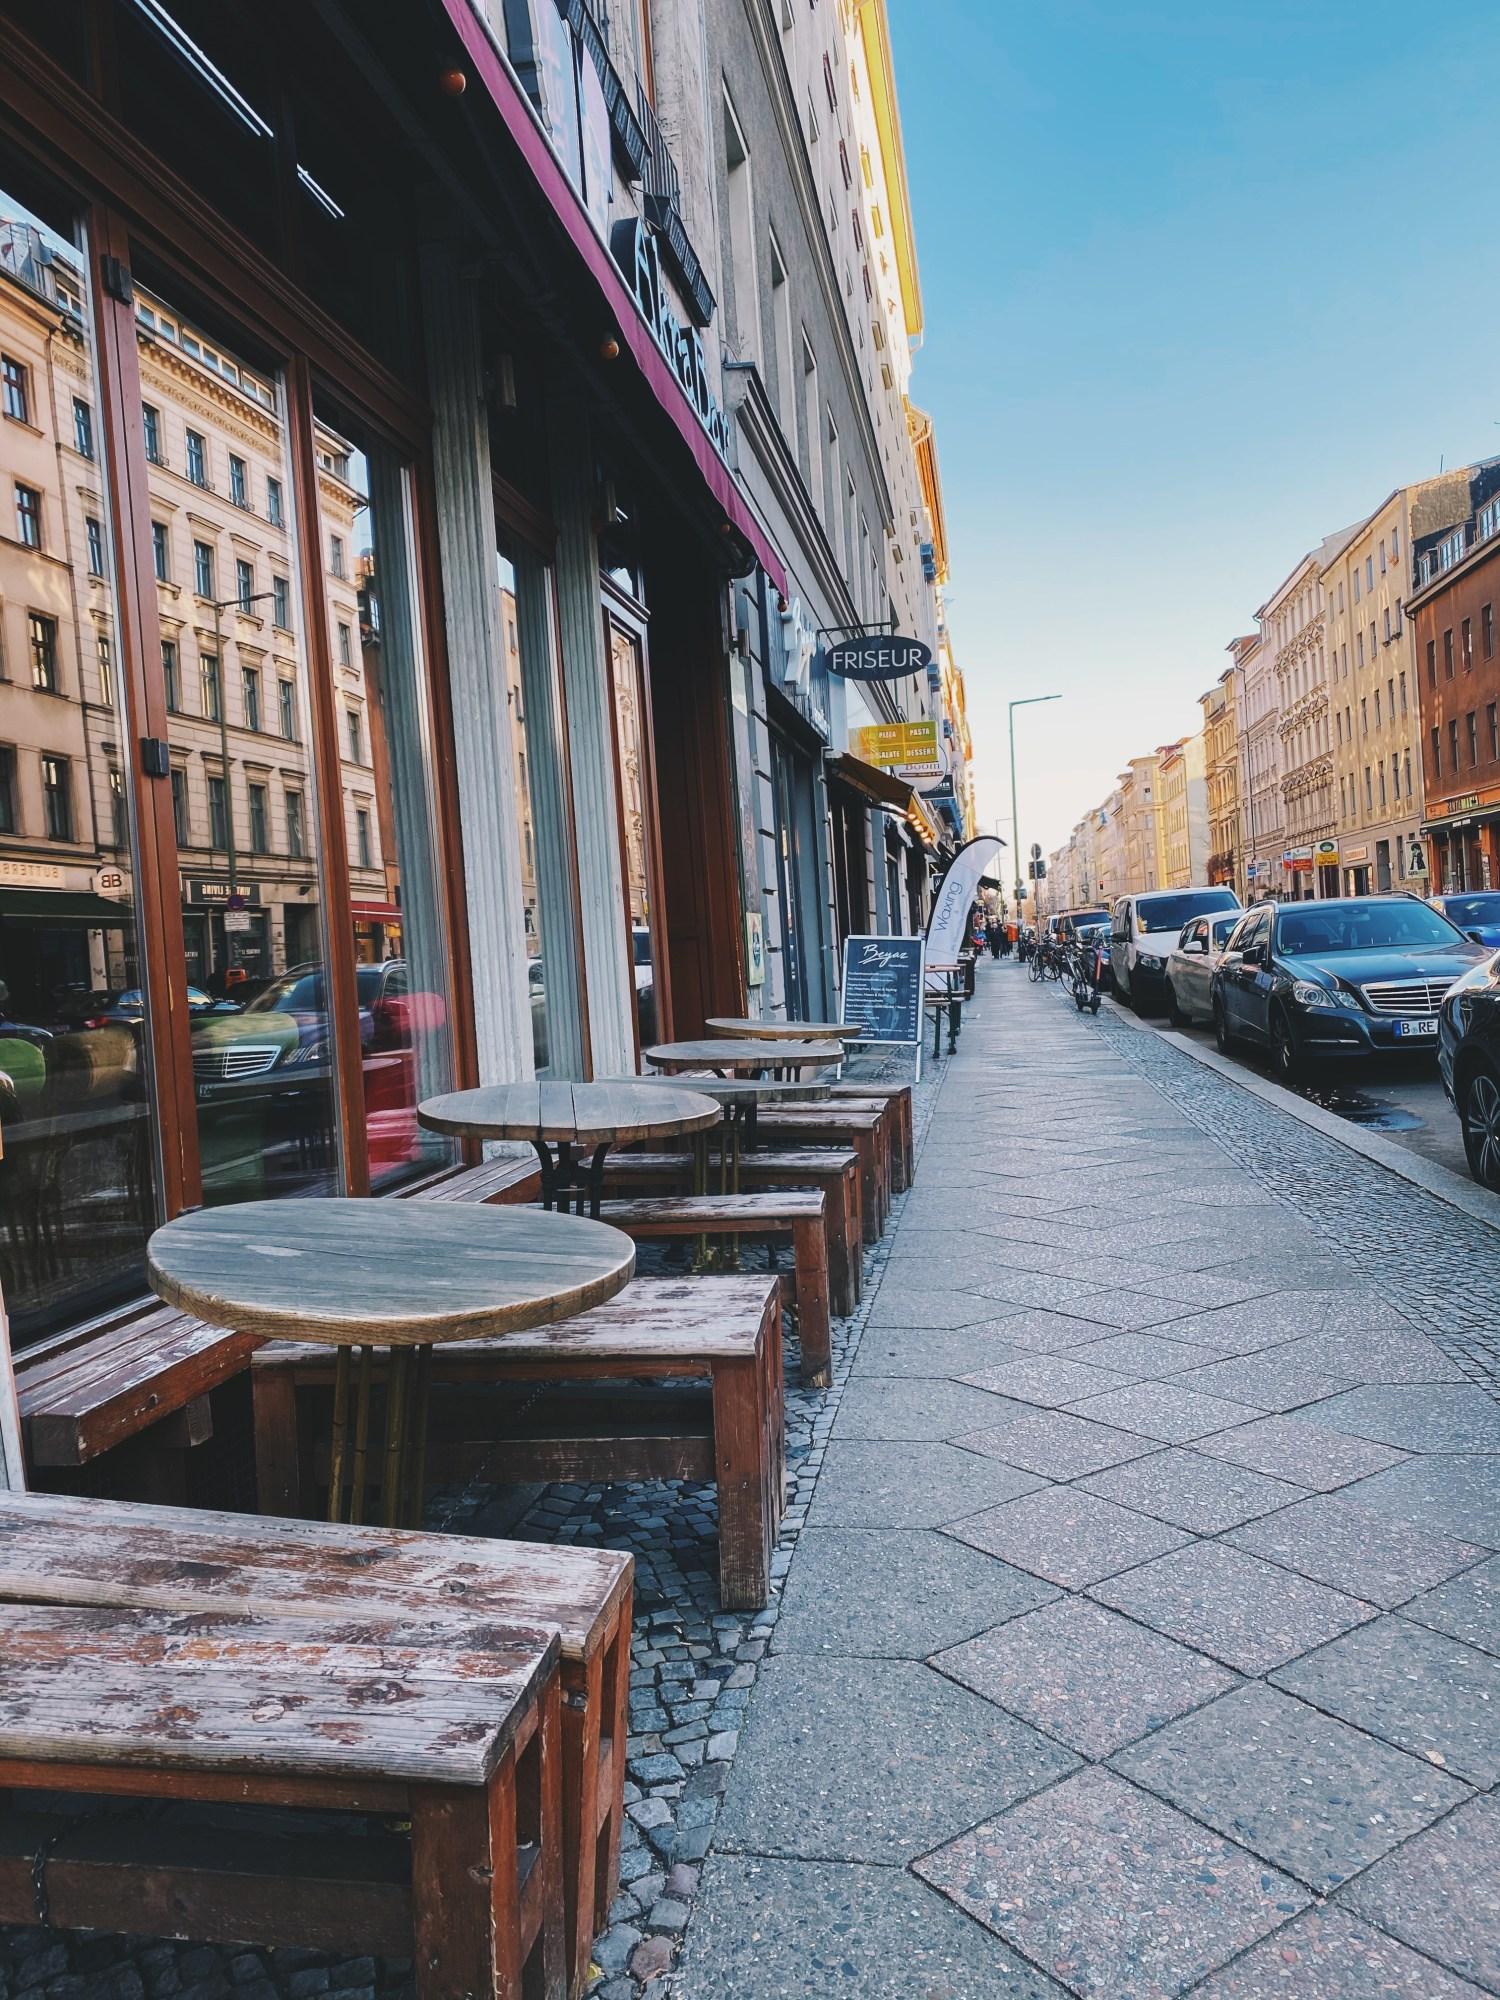 Berlin in Spring